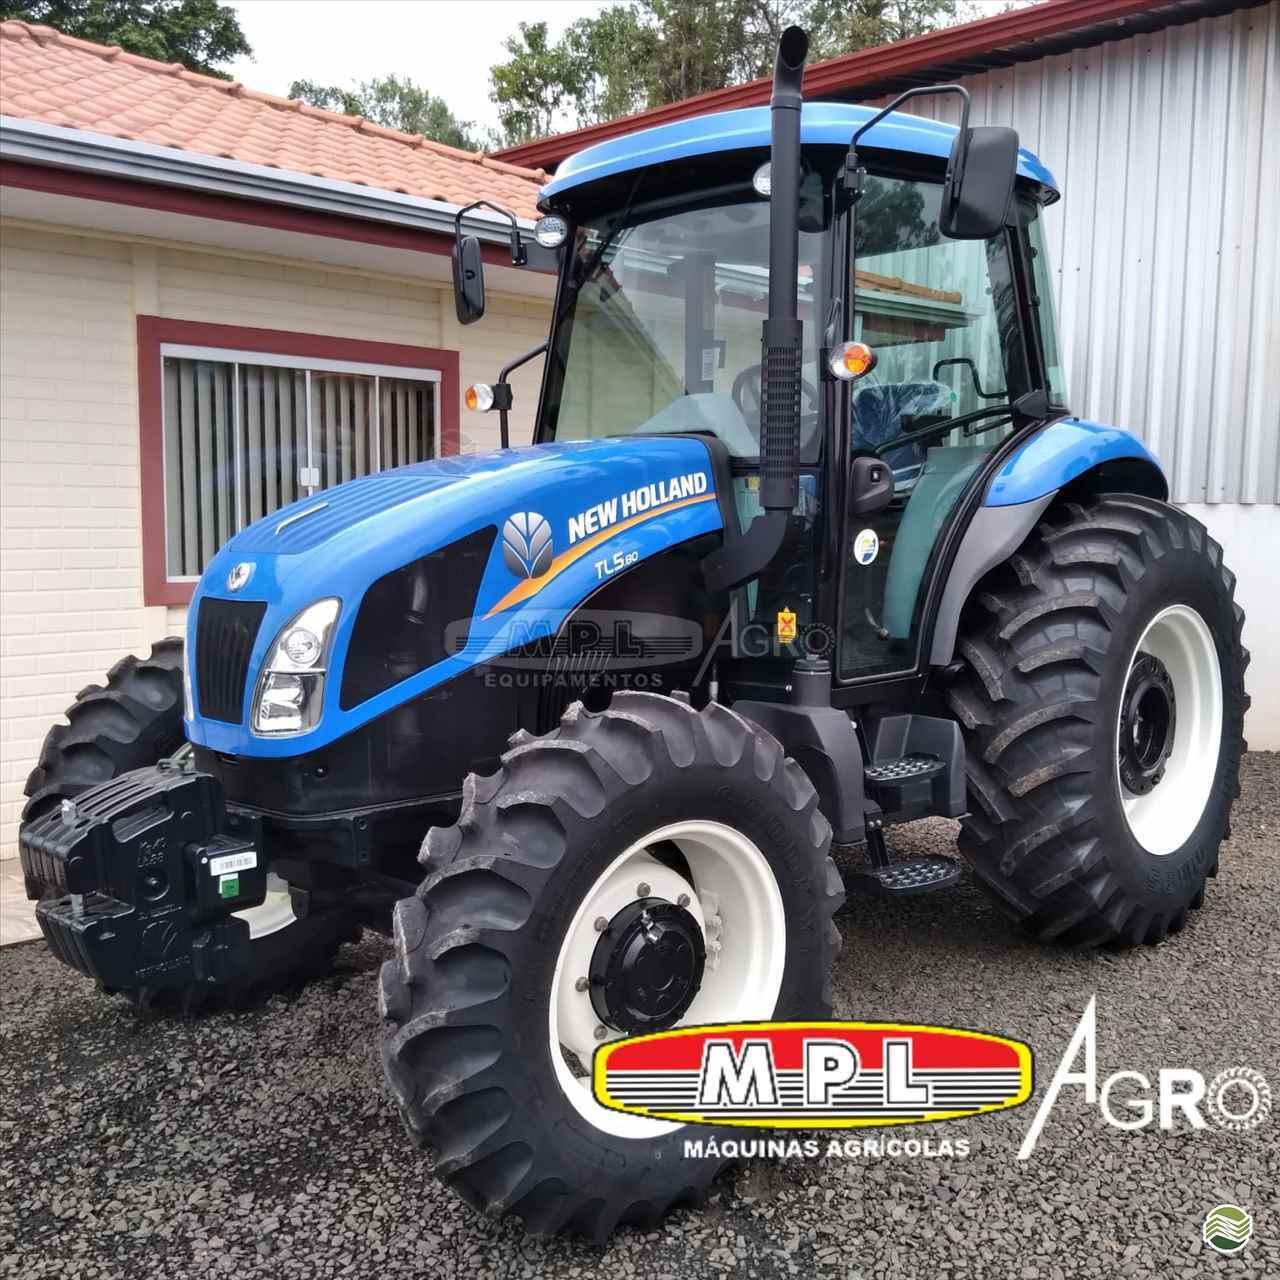 TRATOR NEW HOLLAND NEW TL5.80 Tração 4x4 MPL Agro - Máquinas Agrícolas IRATI PARANÁ PR